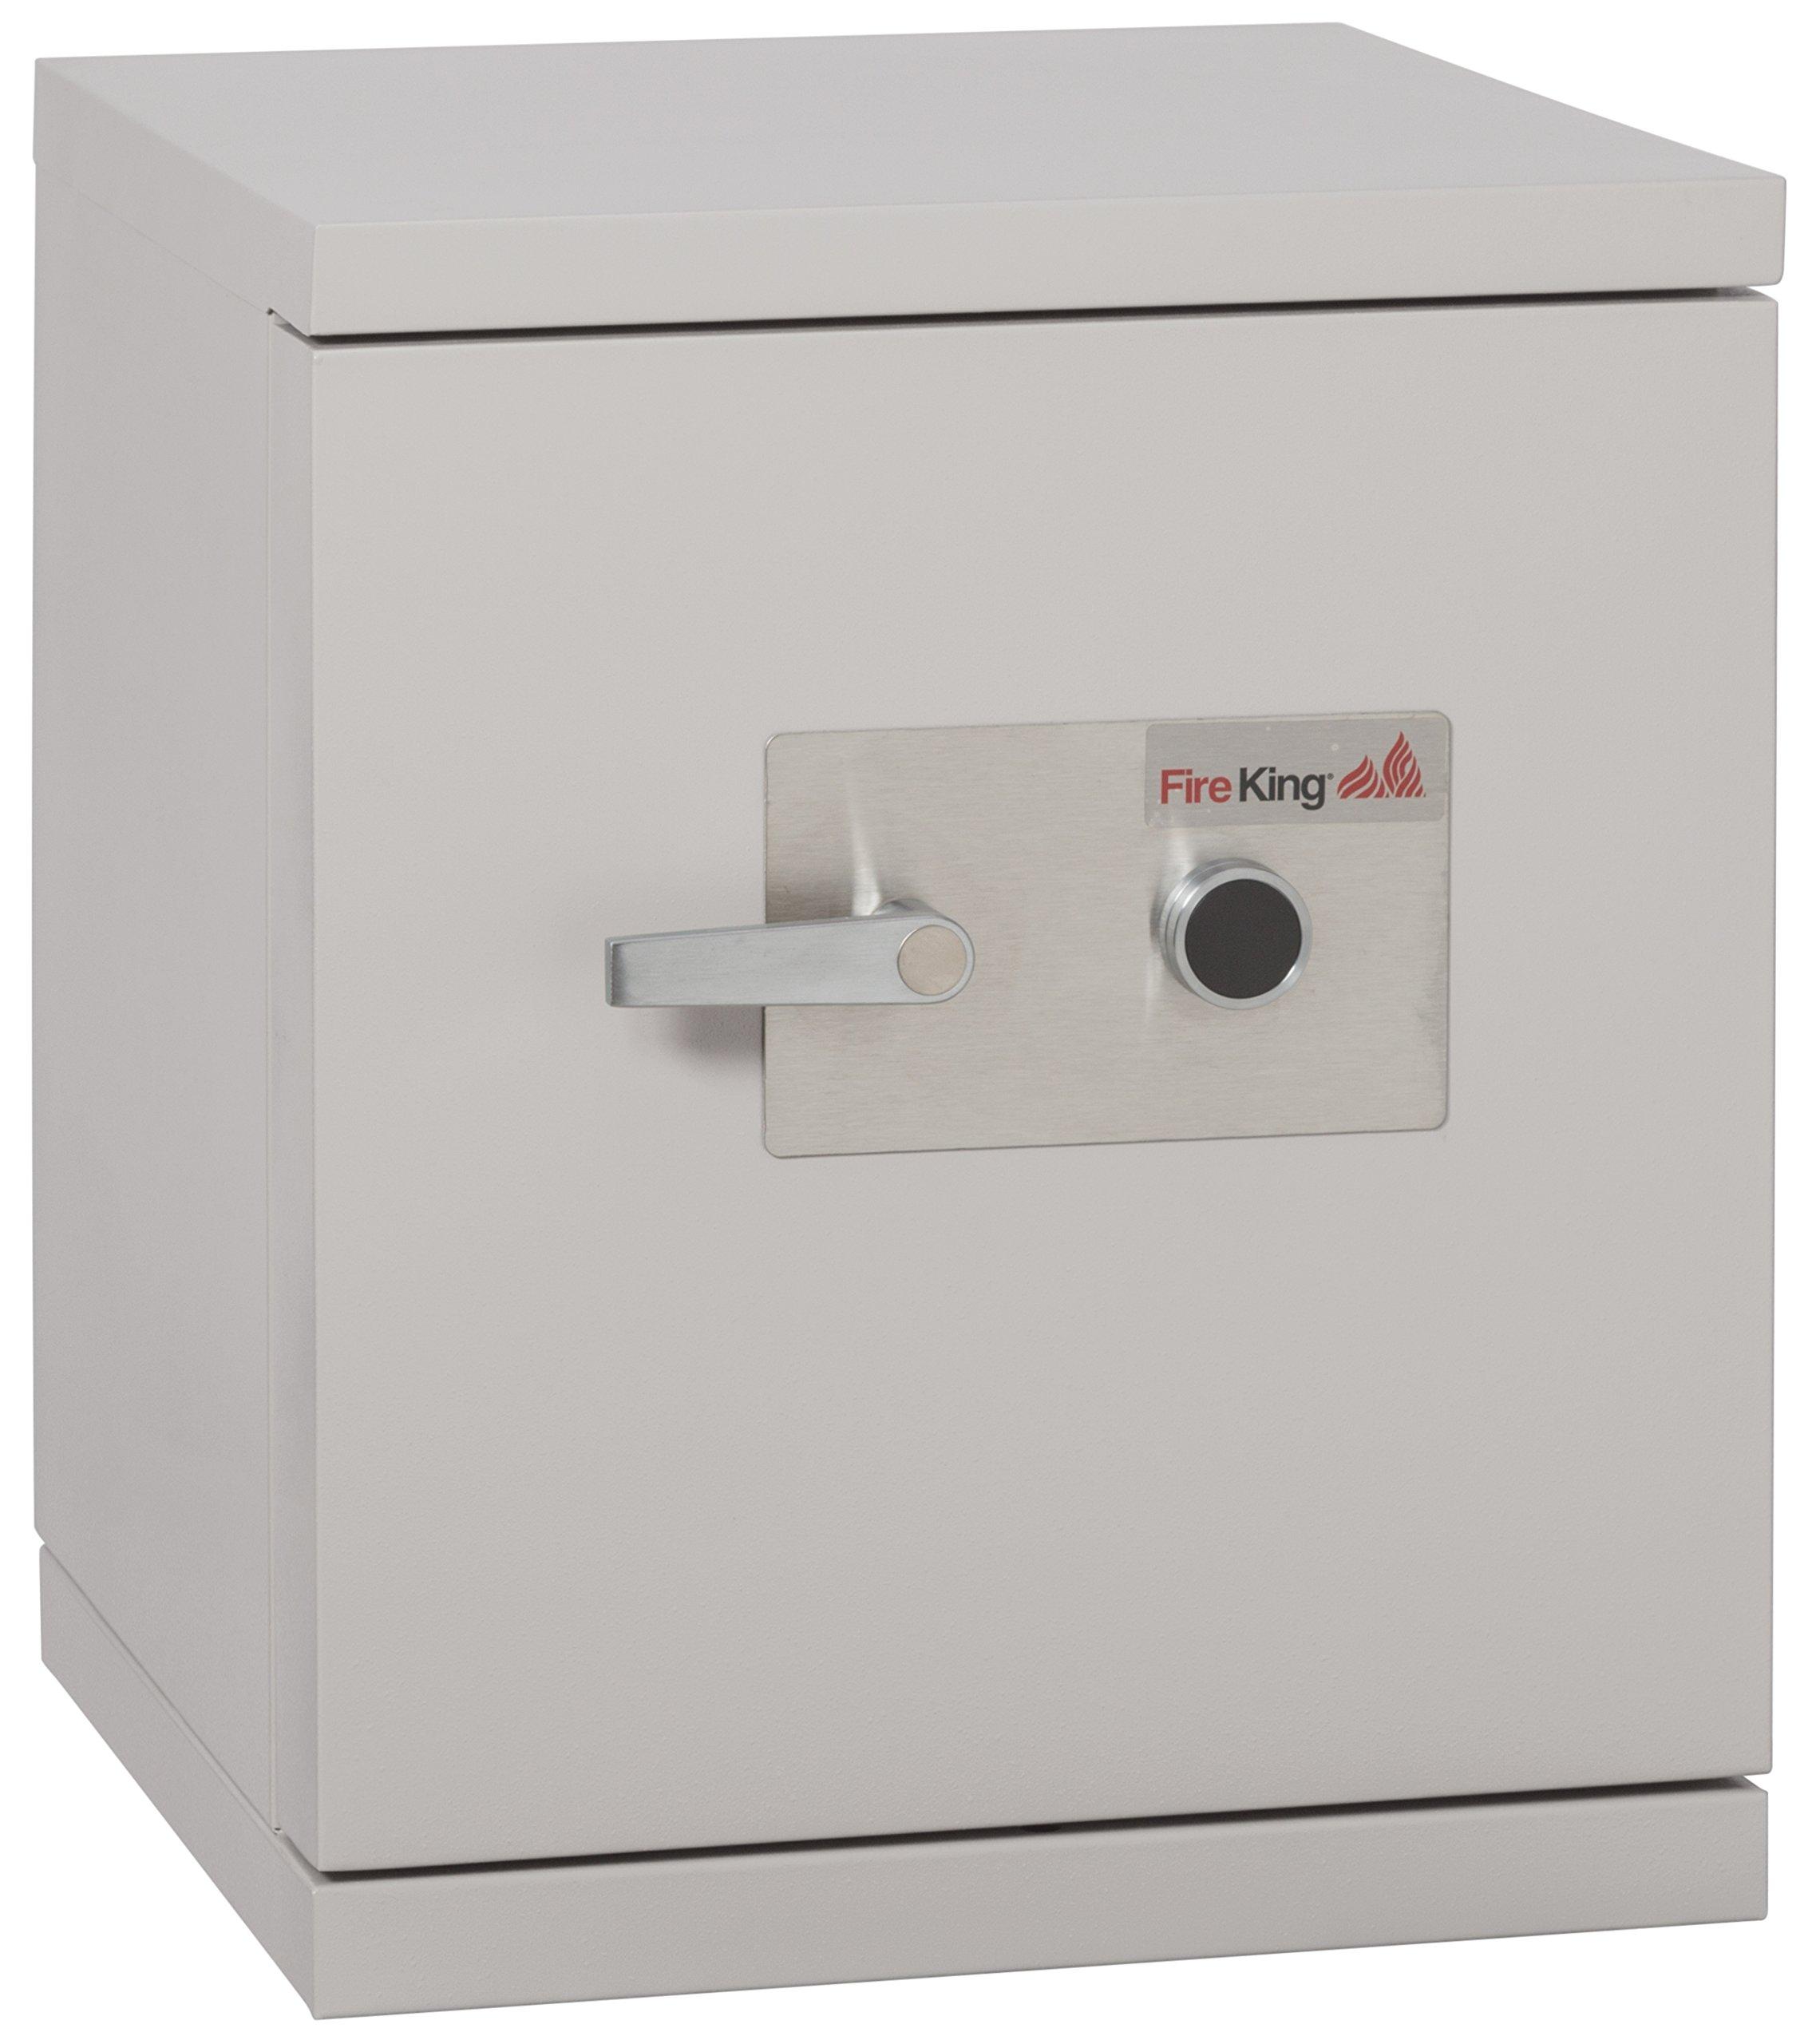 Fireking Fireproof 1-Hour Data Safe, 25.5'' H x 21.5'' W x 22.4'' D/1.3 cu. ft., Platinum Finish